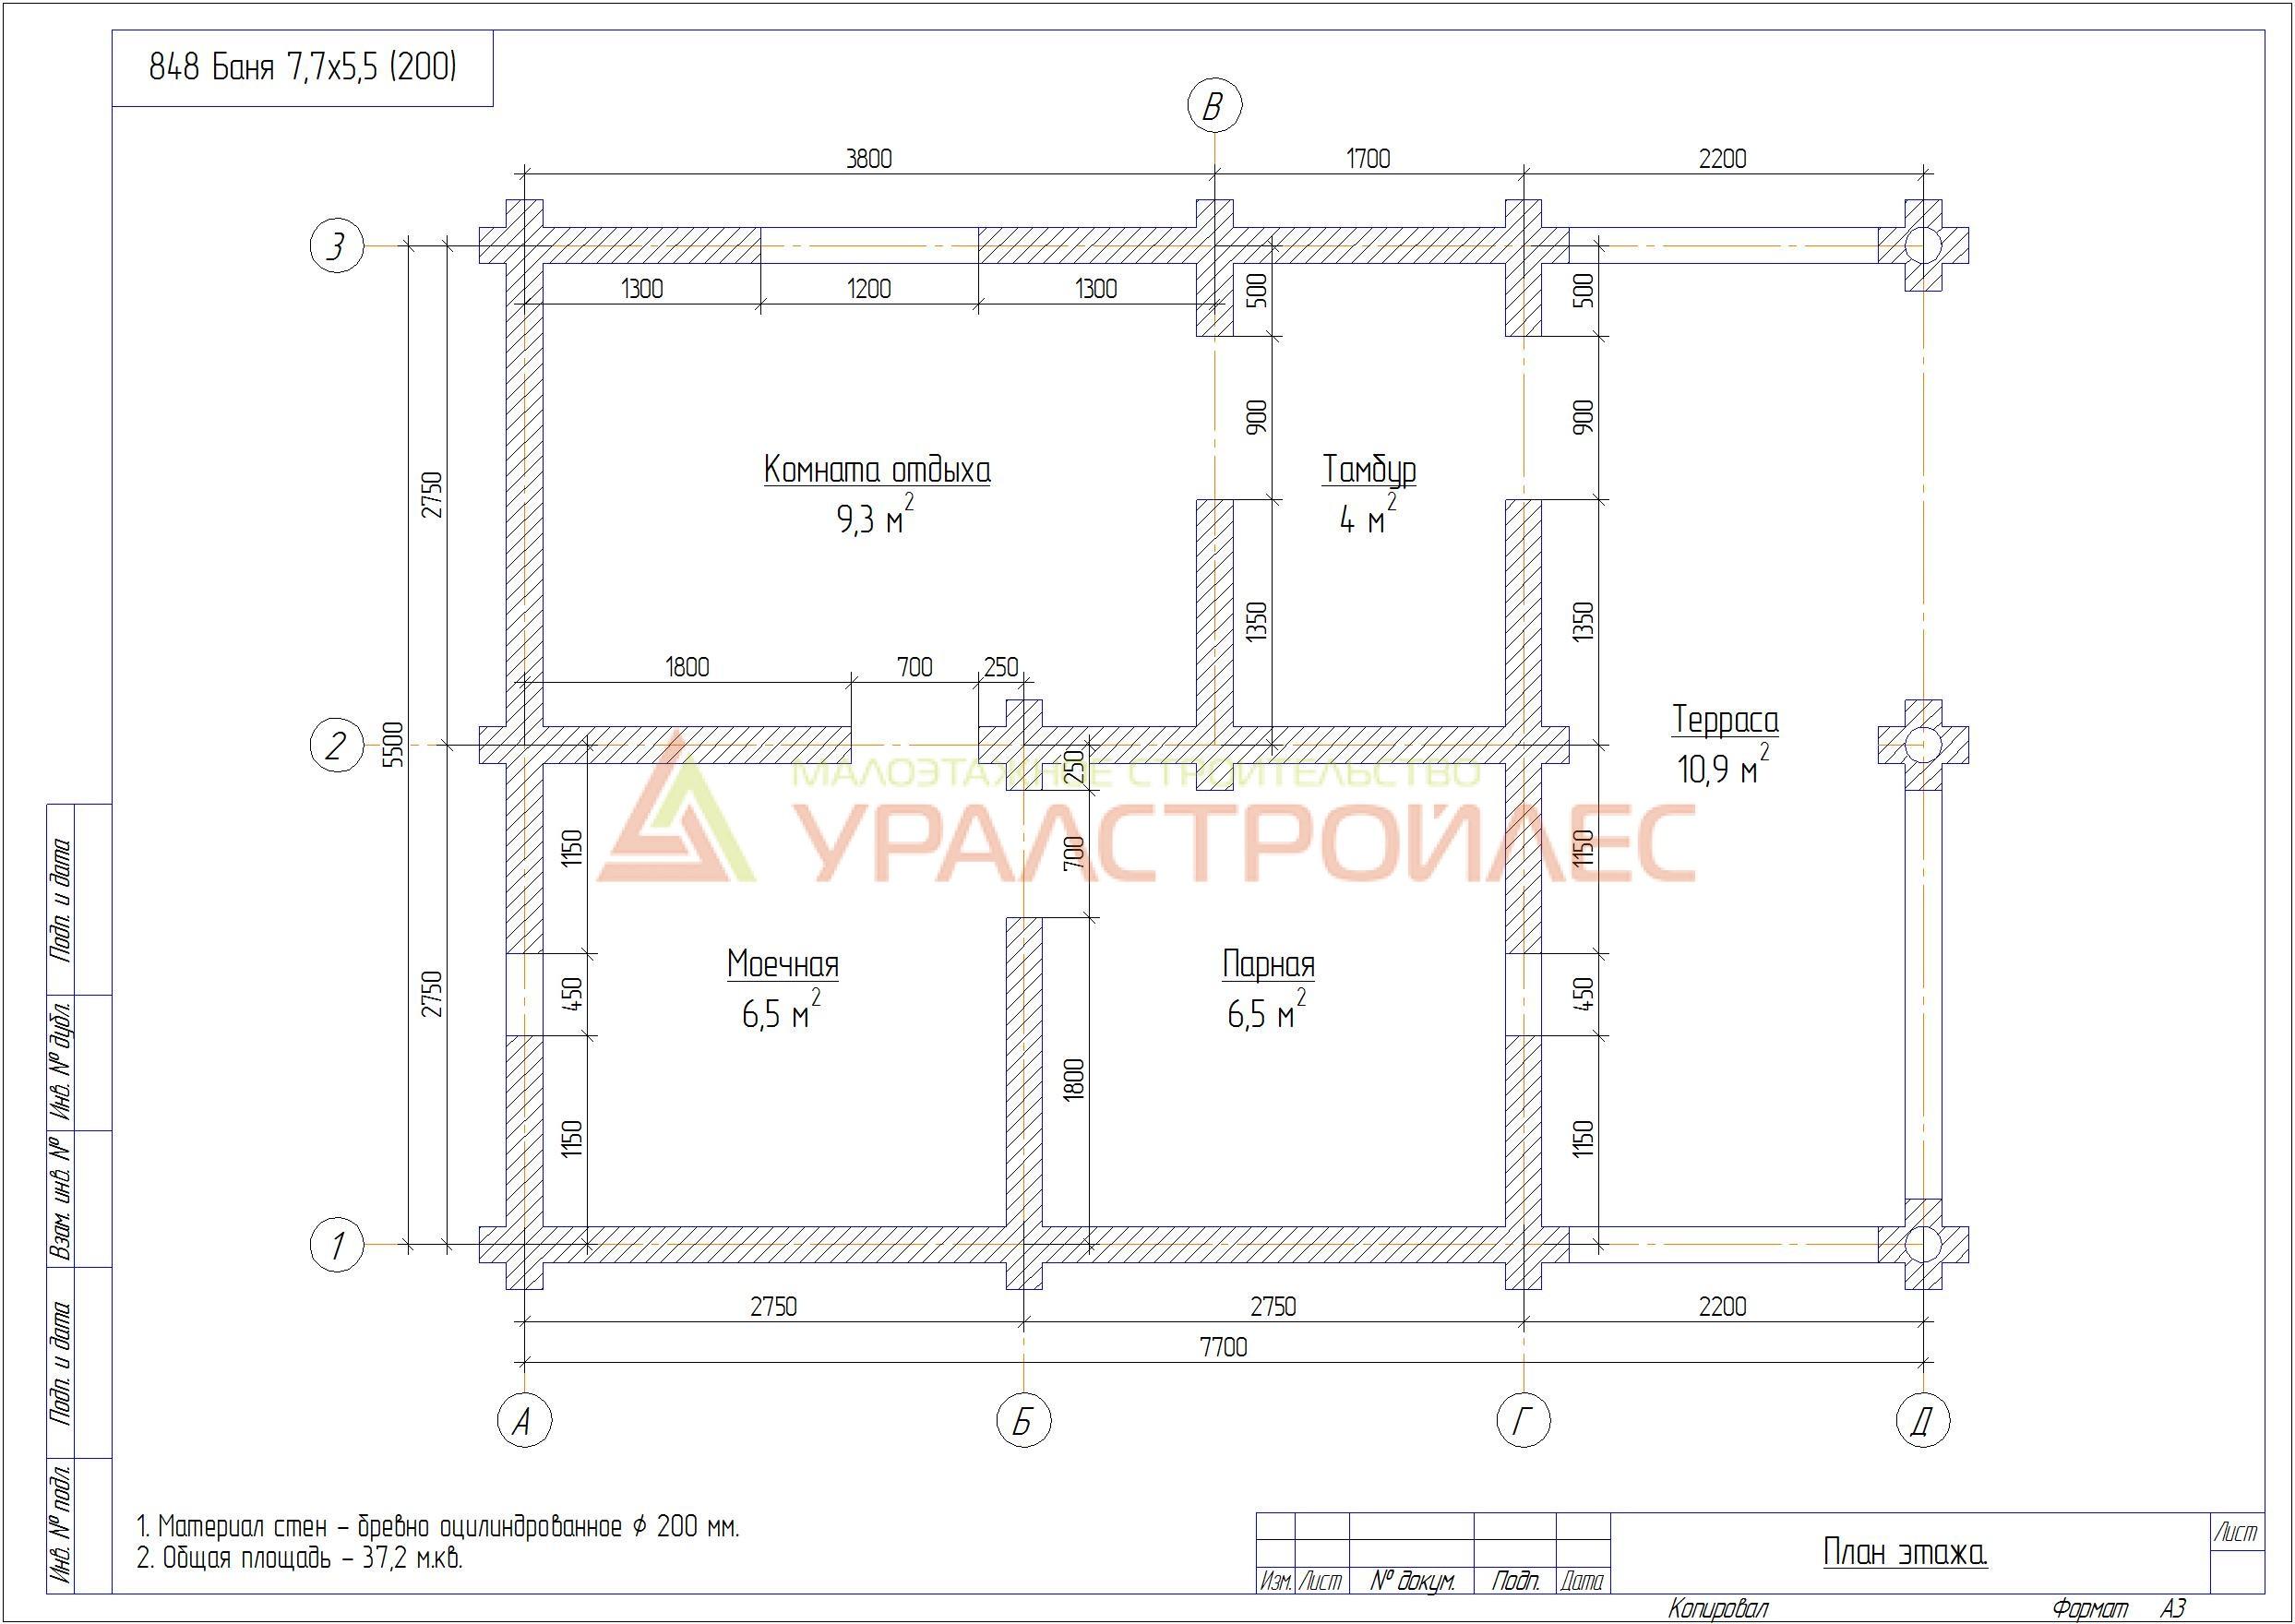 Проект № 848 г. Тюмень . КП. Зеленые Холмы   Ирбитский тракт.